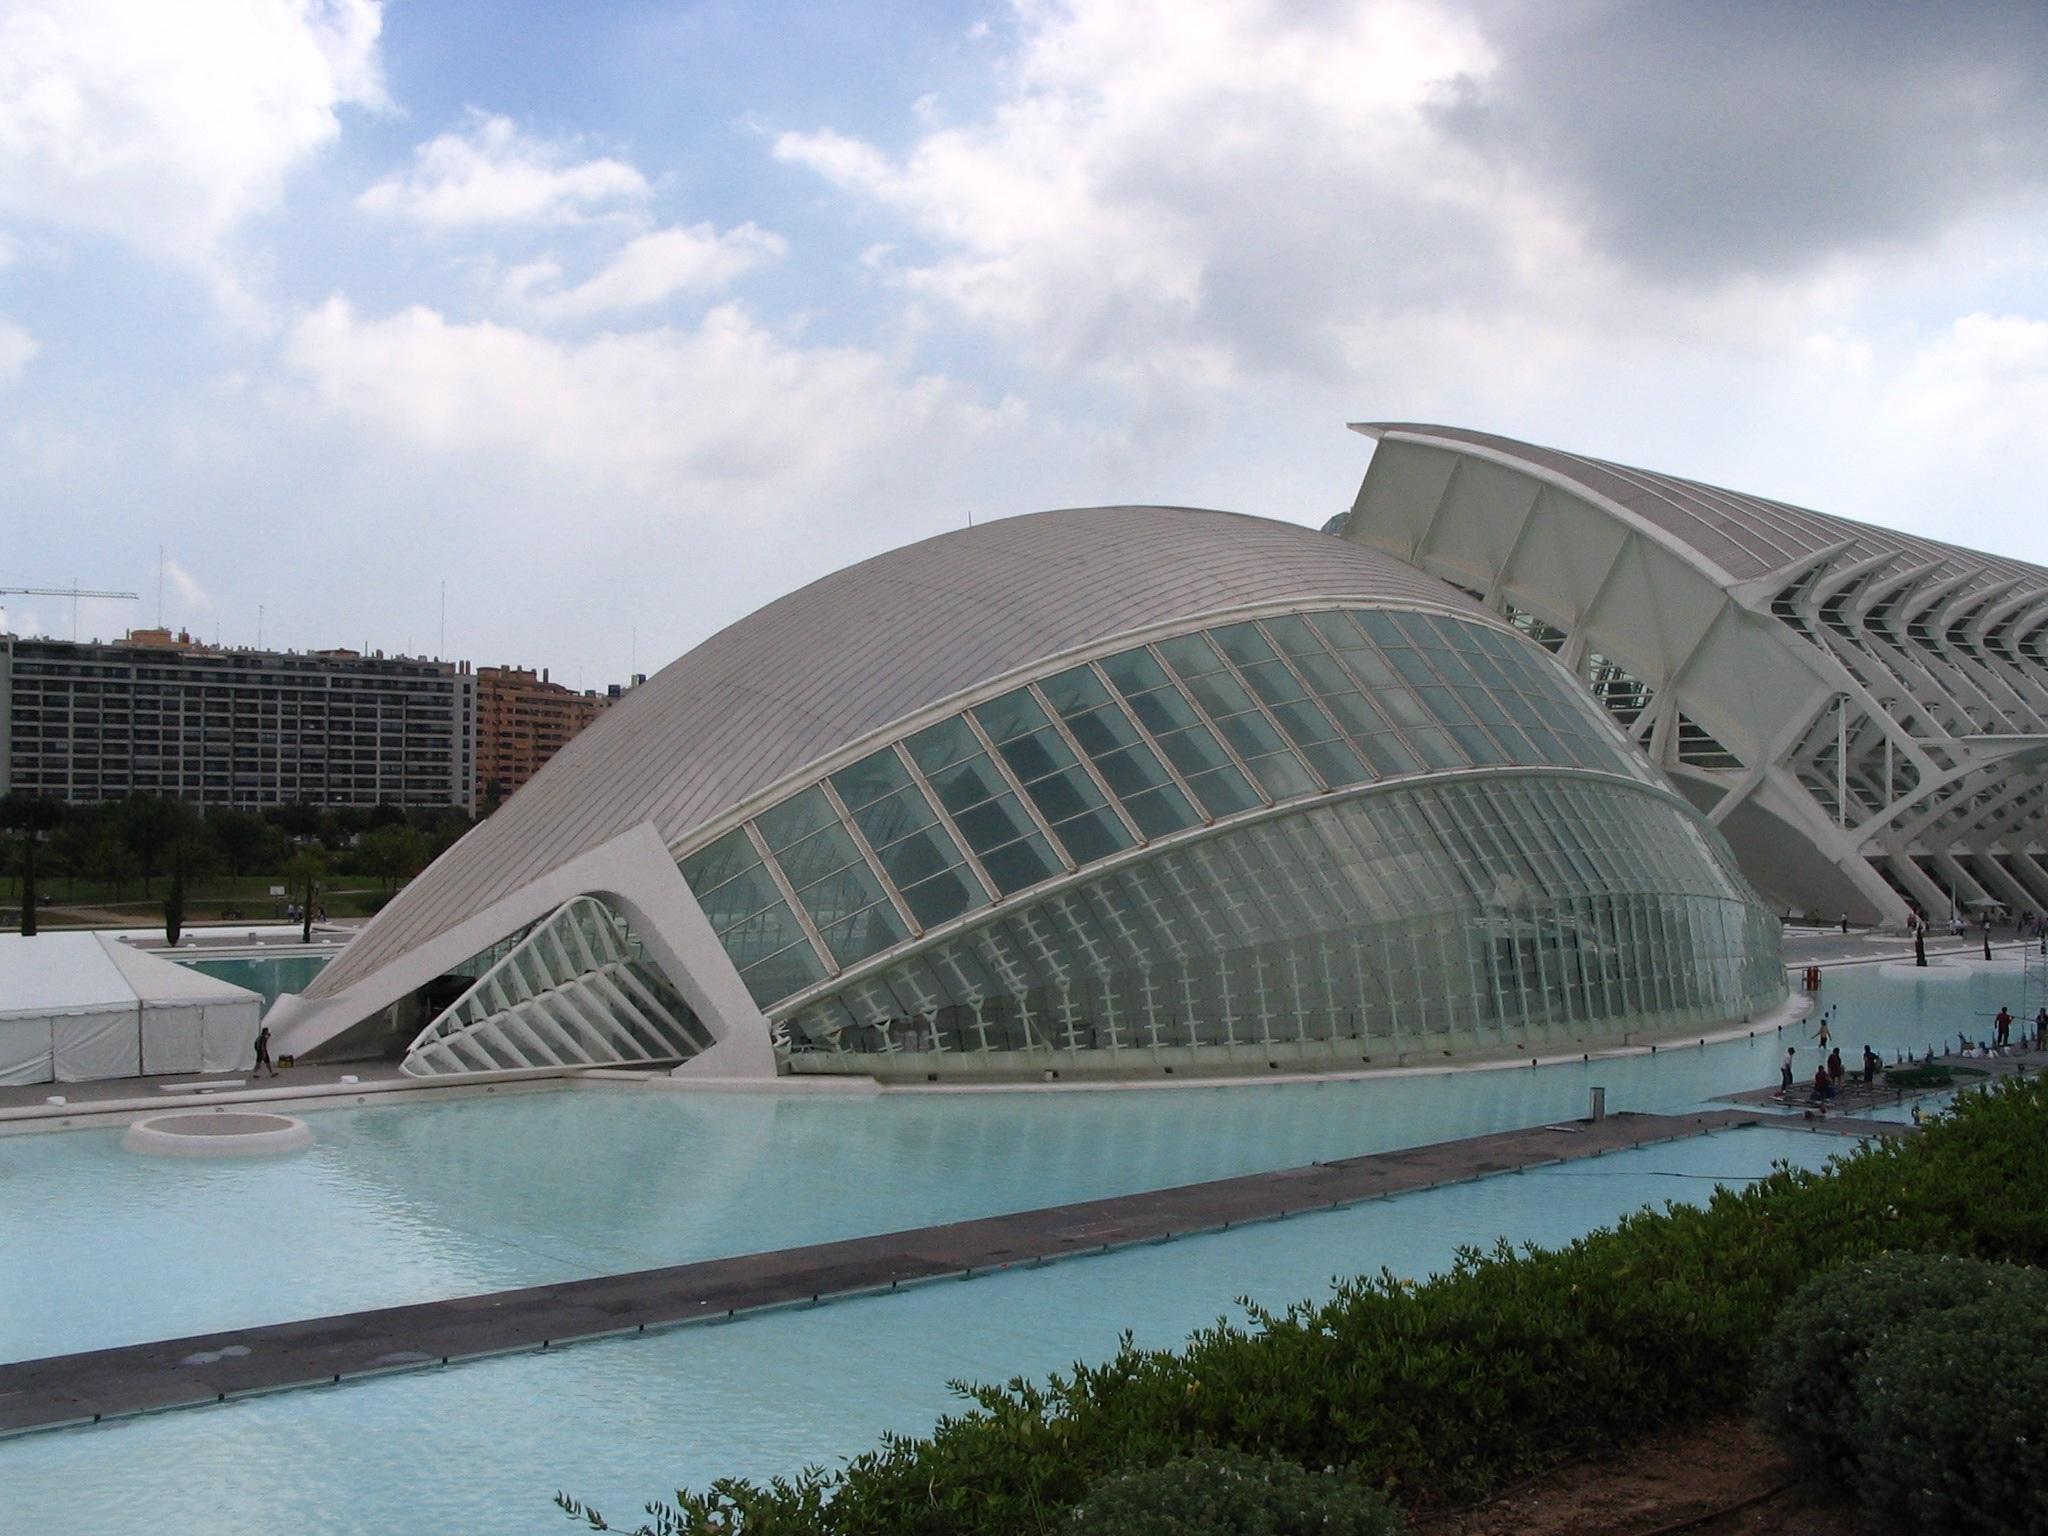 Natur Die Architektur Struktur Stadion Moderne Architektur Kunst  Wissenschaft Arena Spanien Messe Kultur Valencia Kuppel Kongresszentrum